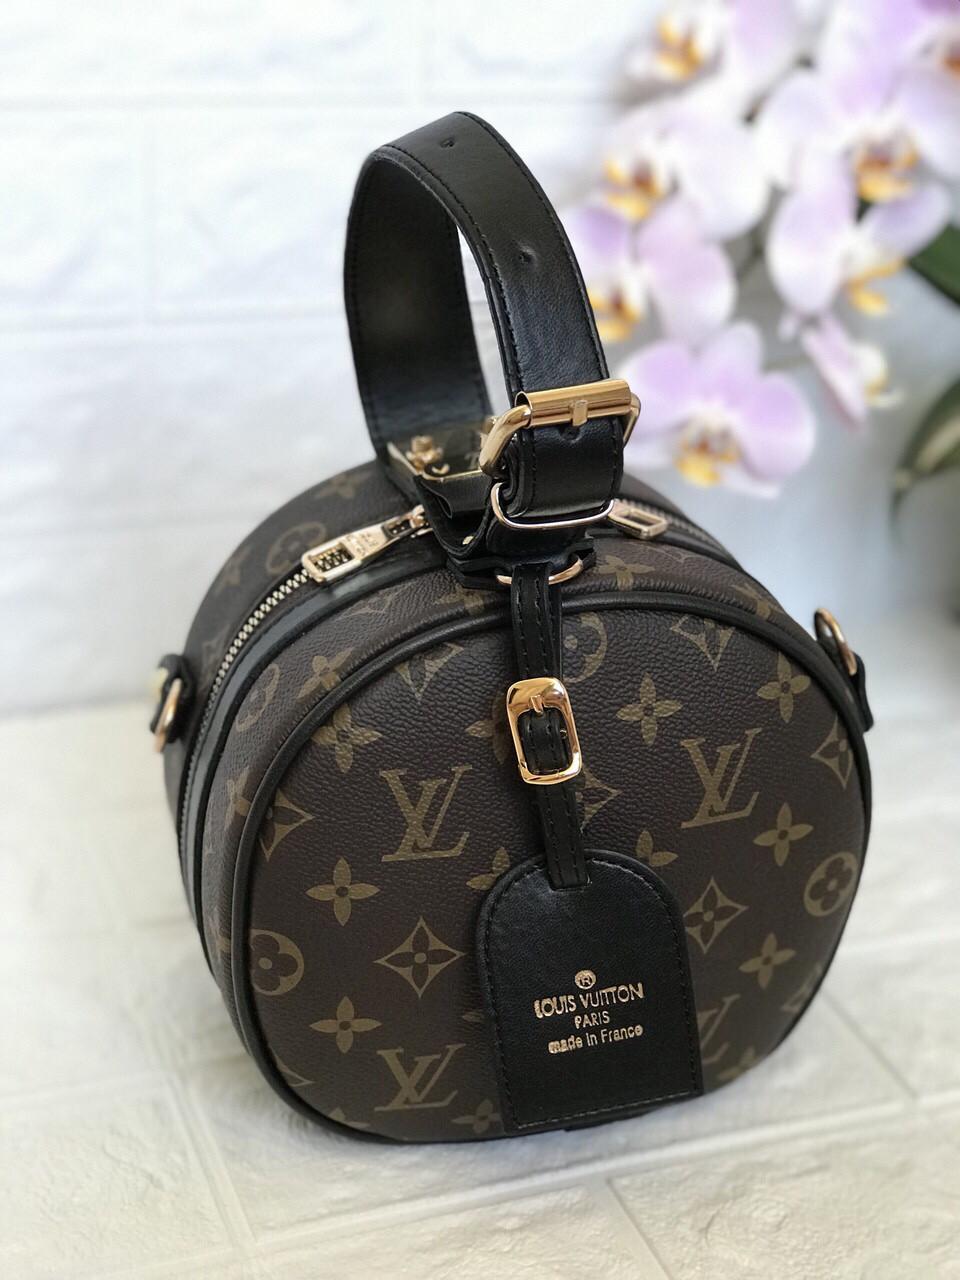 Клатч сумка круглая  в стиле Louis Vuitton LV (луи витон) brown